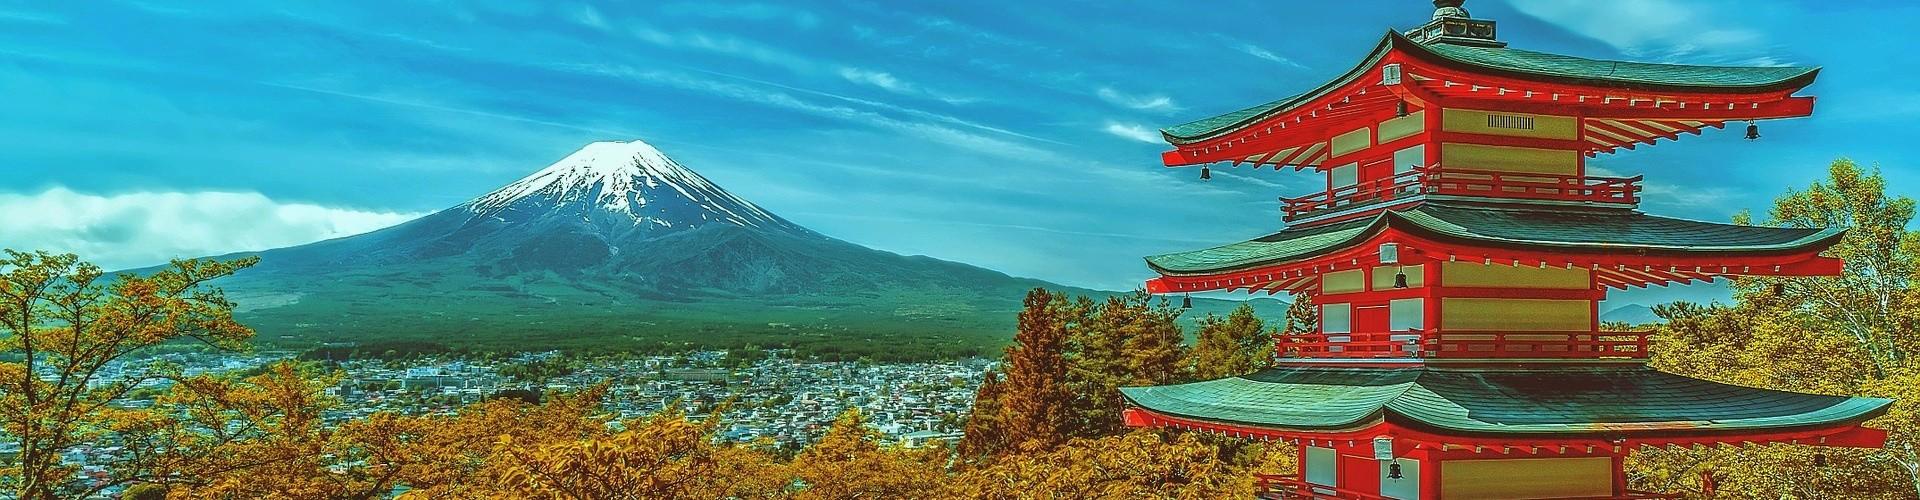 Rondreis Japan met kinderen